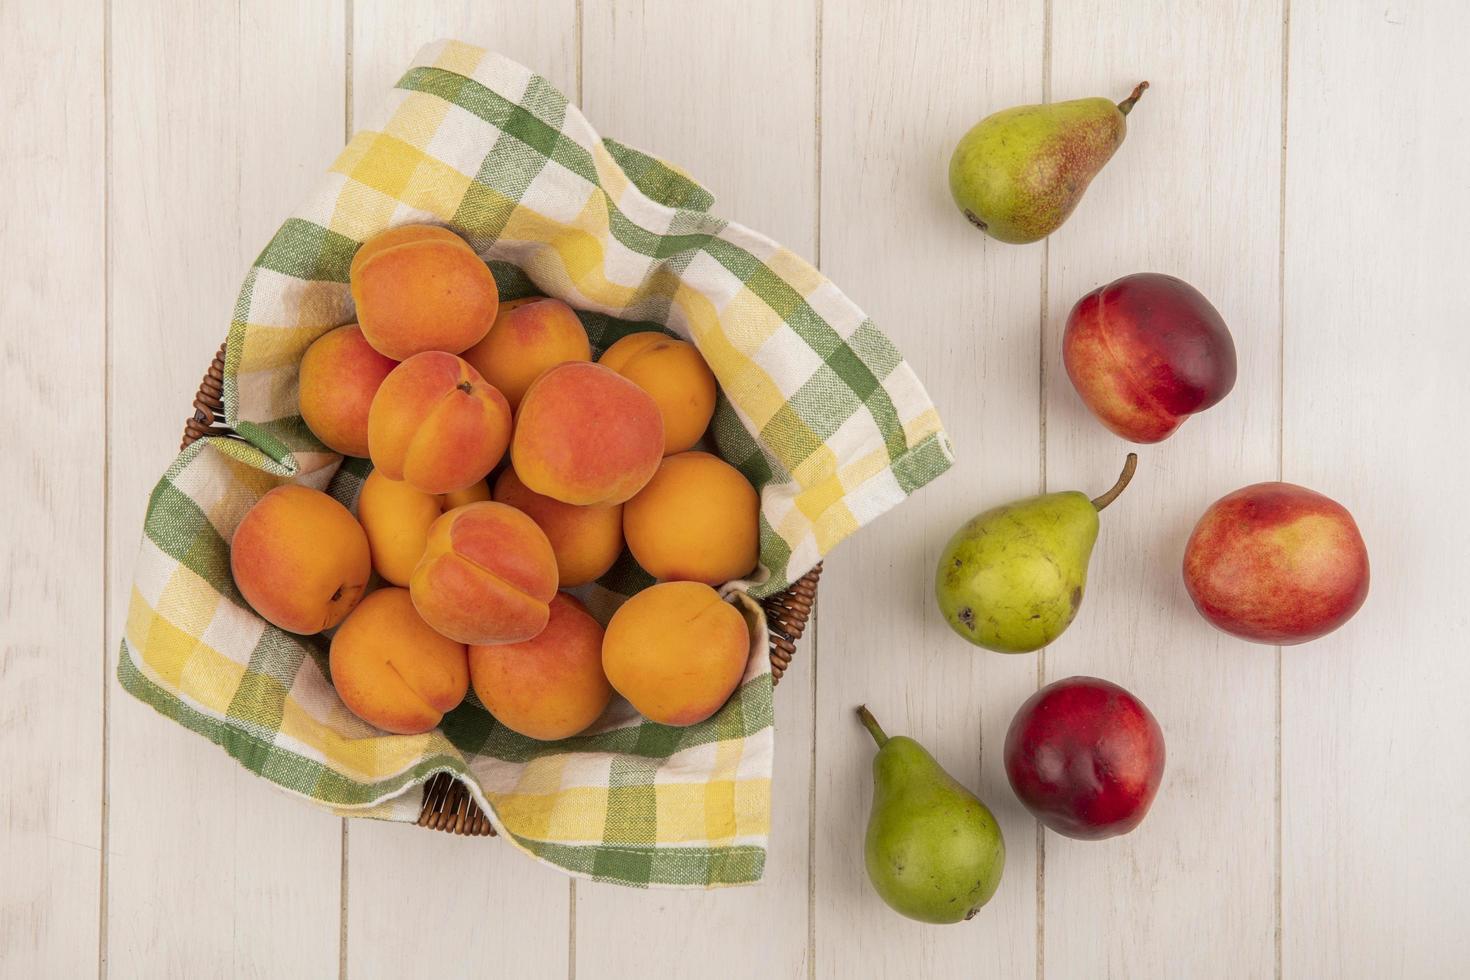 frisches Obst in einem Korb auf hölzernem Hintergrund foto